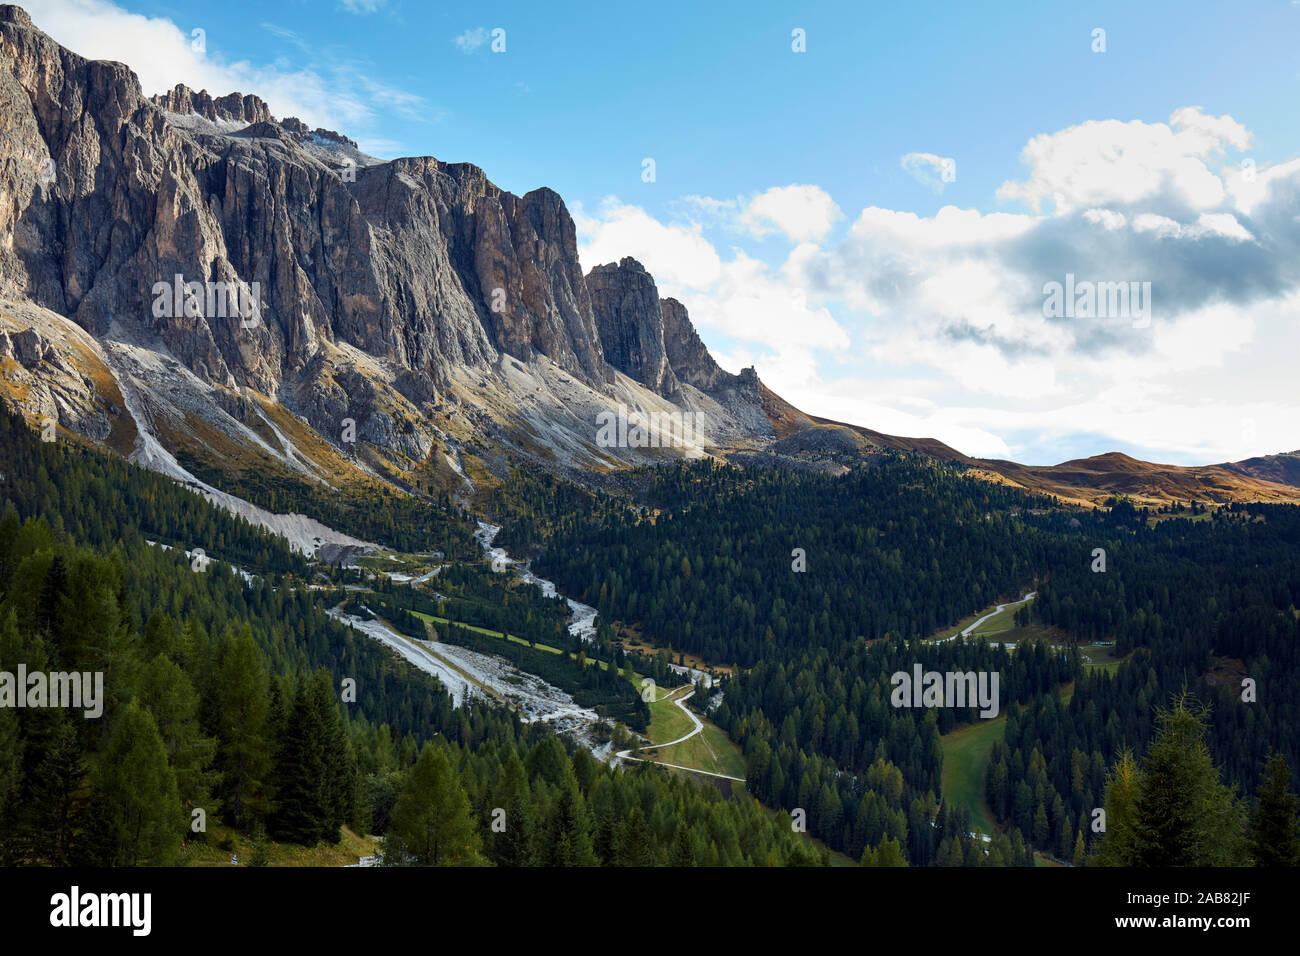 Une partie de chaîne de montagnes Marmolada dans les cols alpins au début de l'automne, le Tyrol du Sud, Italie, Europe Banque D'Images